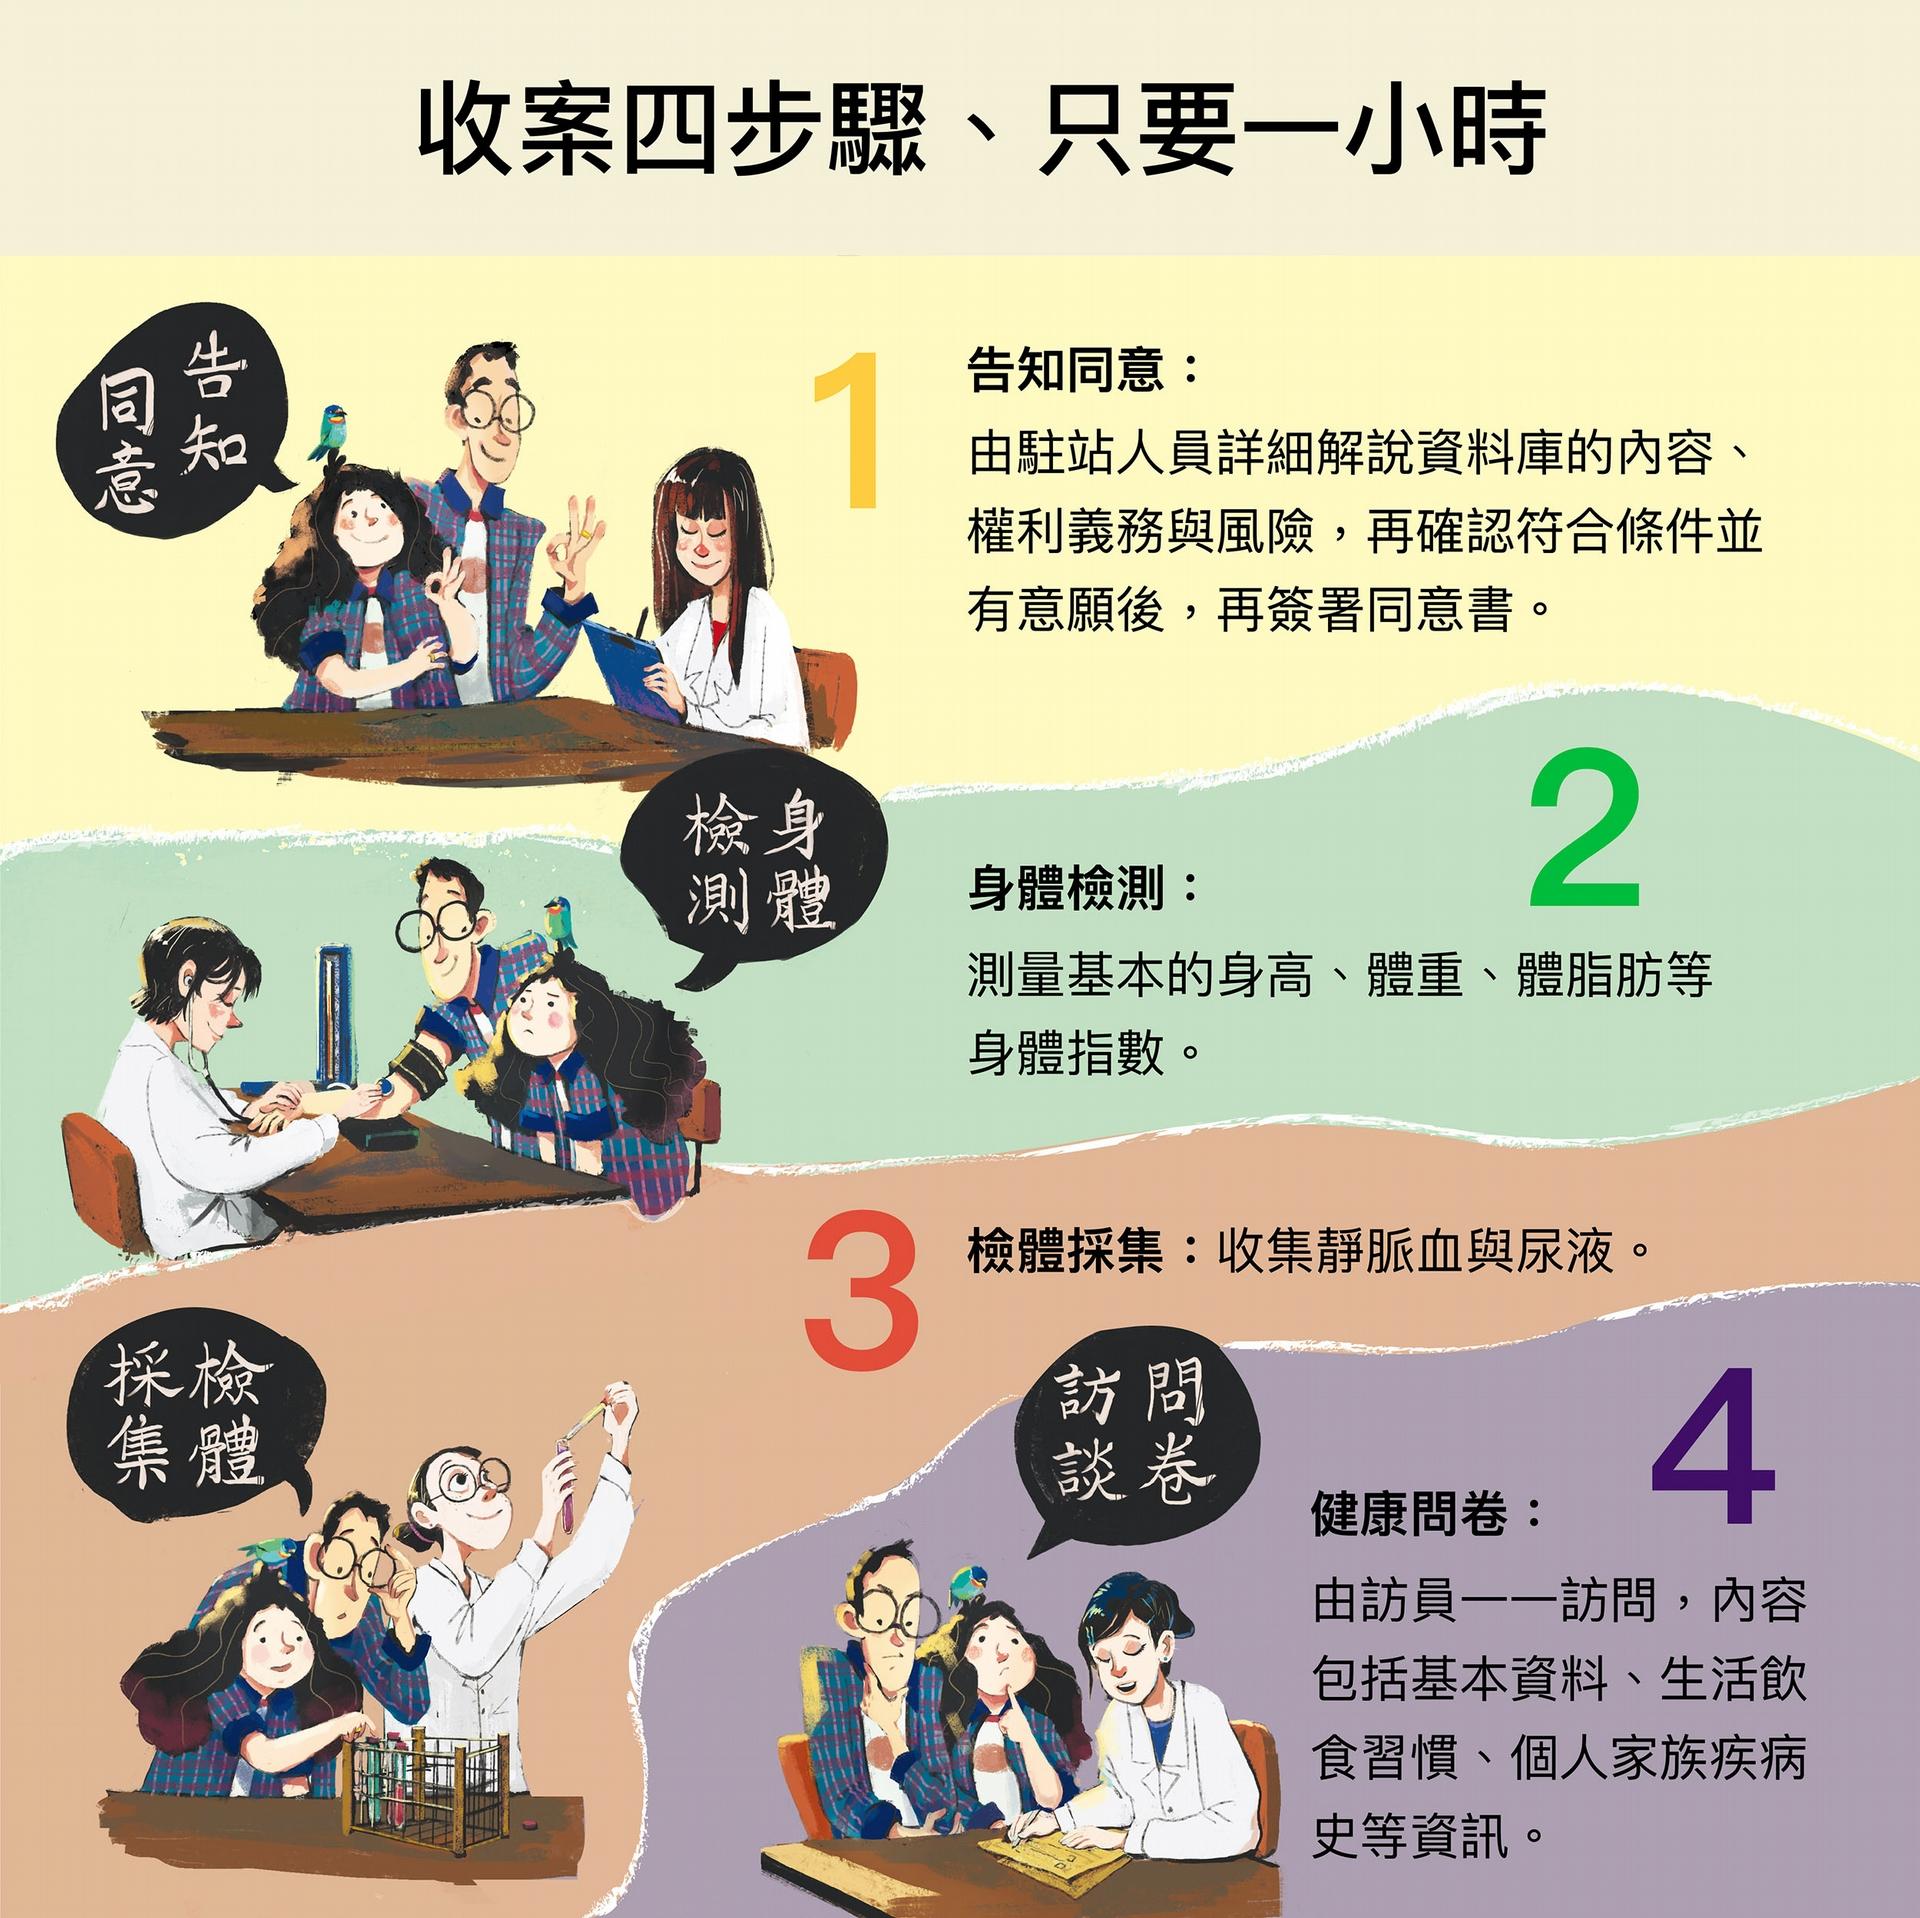 以上是臺灣人體生物資料庫收集檢體的四步驟。「民眾可收到自己的檢查報告嗎?」答案是不會主動提供。因為資料庫收集資料以生物醫學研究為目的,不會主動提供檢測結果,但如果特別有要求,則會在兩個月內提供檢驗數據以茲參考。 圖│研之有物(資料來源│Taiwan Biobank)